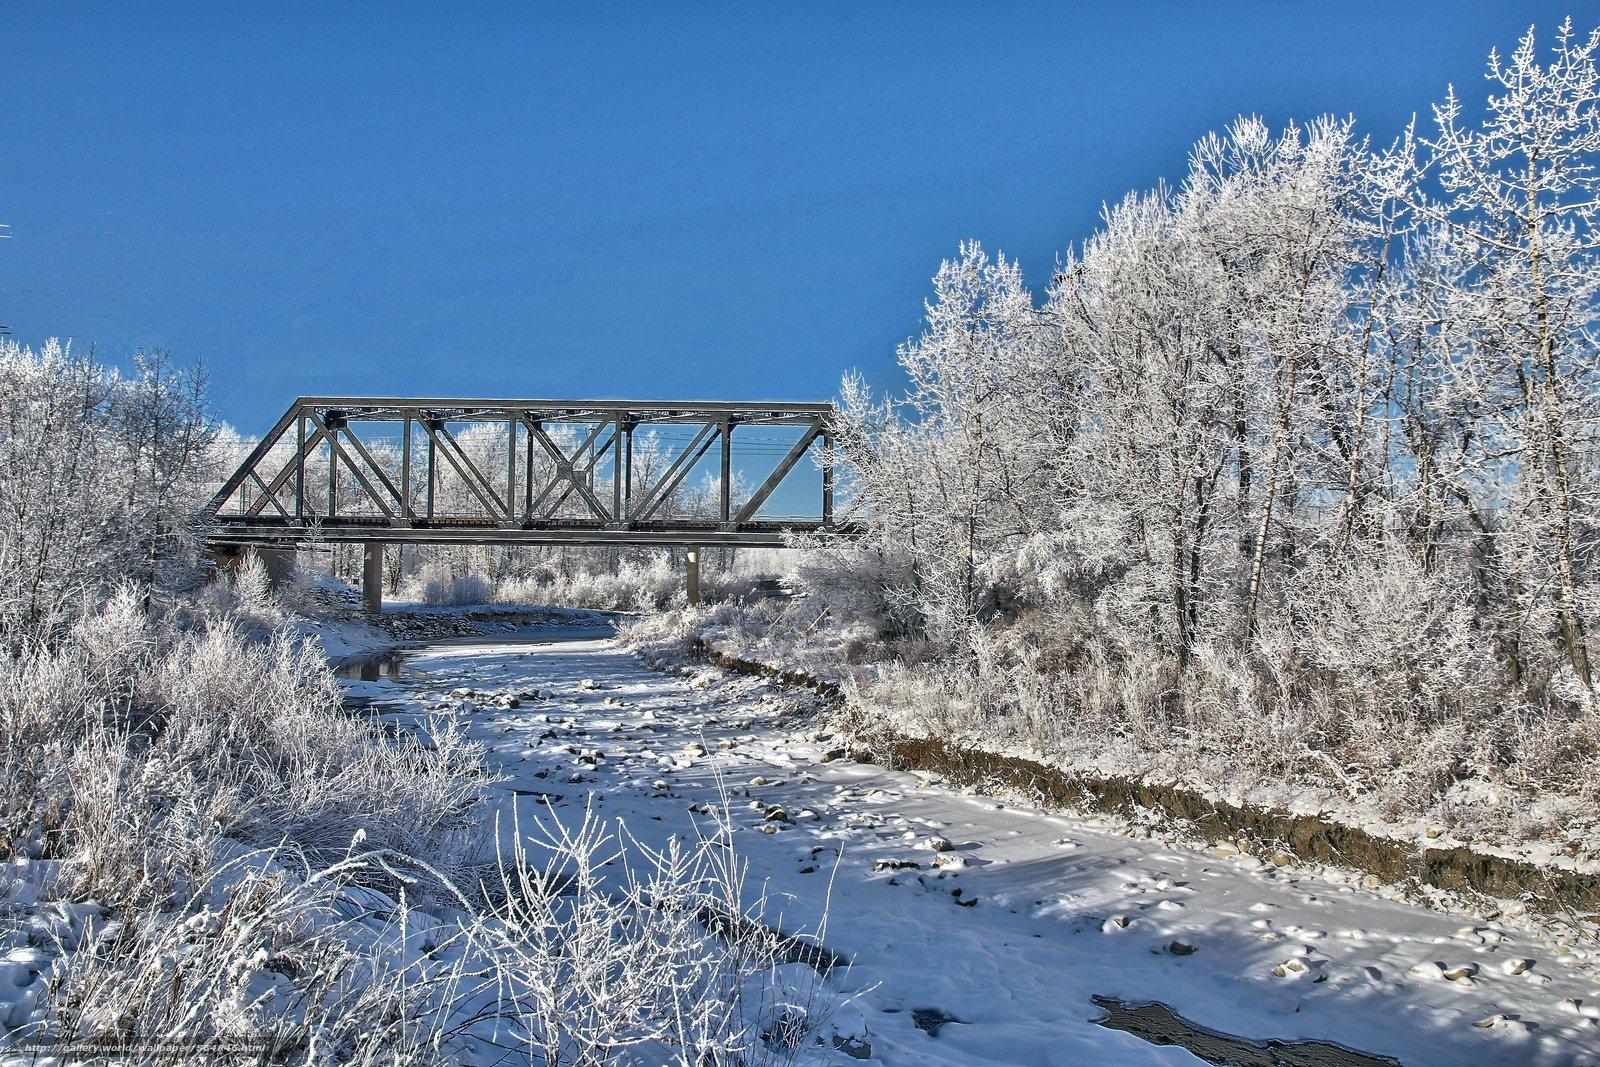 下载壁纸 冬天,  桥,  树,  景观 免费为您的桌面分辨率的壁纸 5181x3454 — 图片 №564846